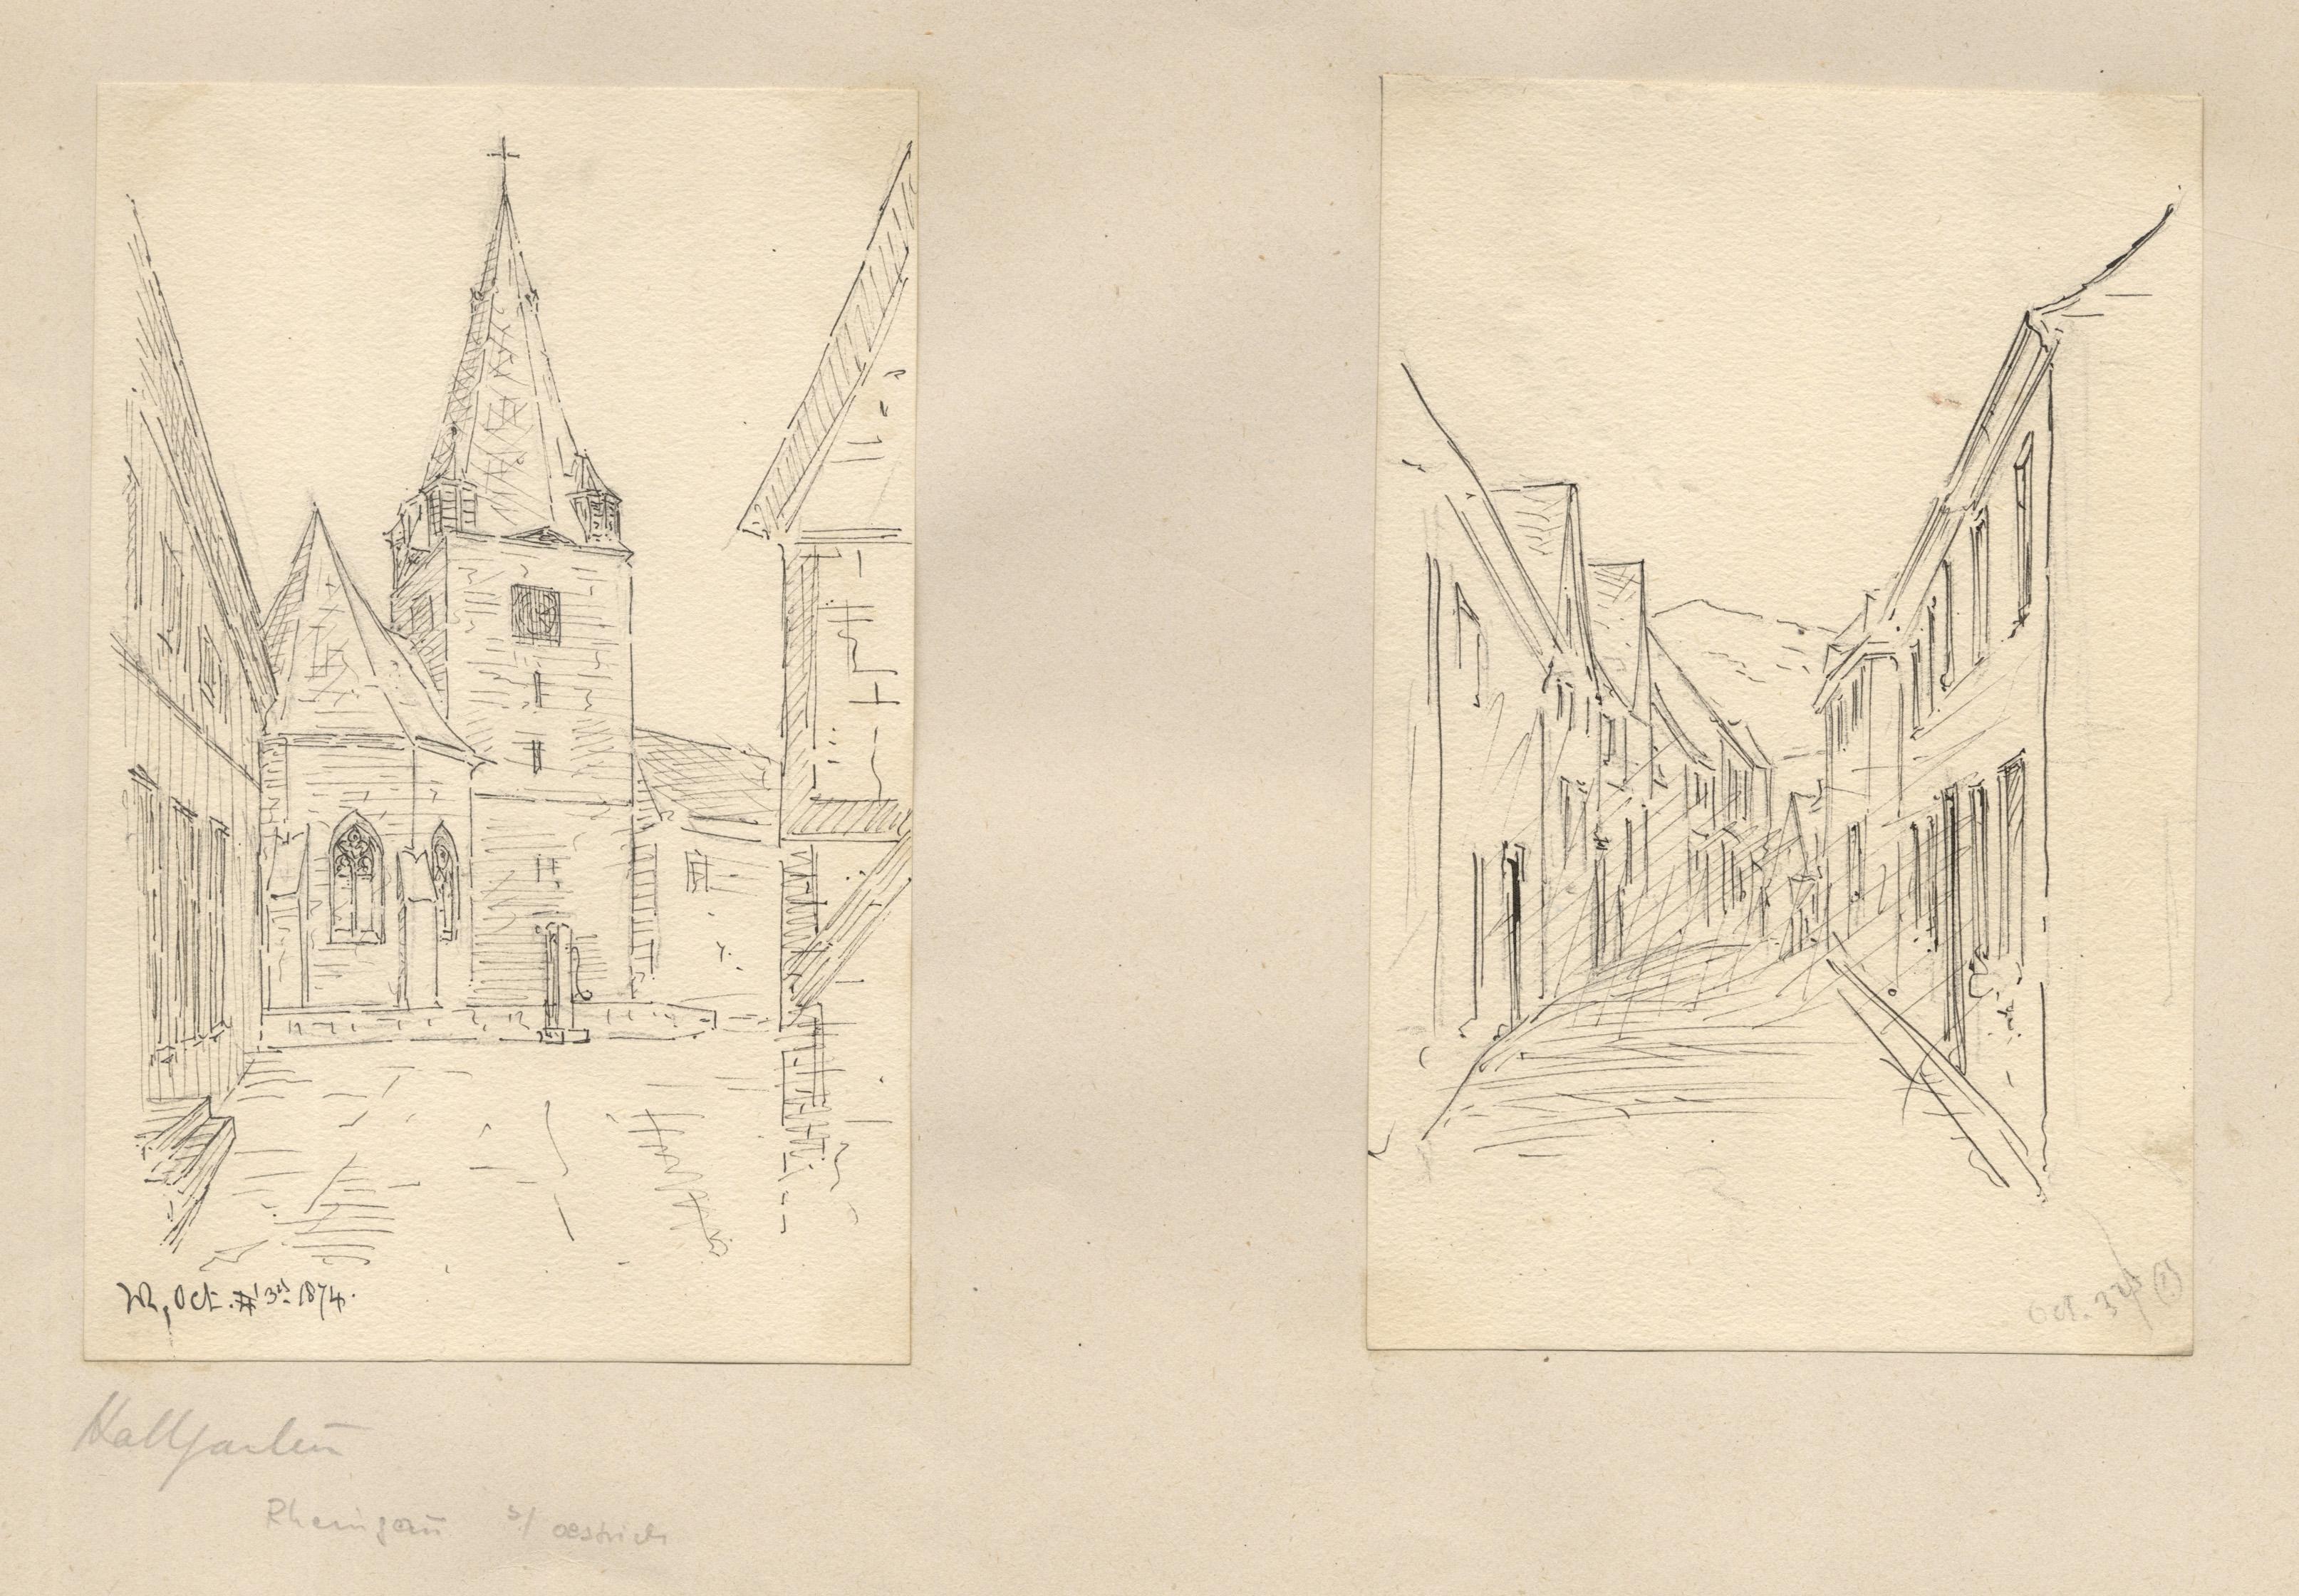 TA., Gasse mit Kirche und eine weitere: Oestrich - Winkel: